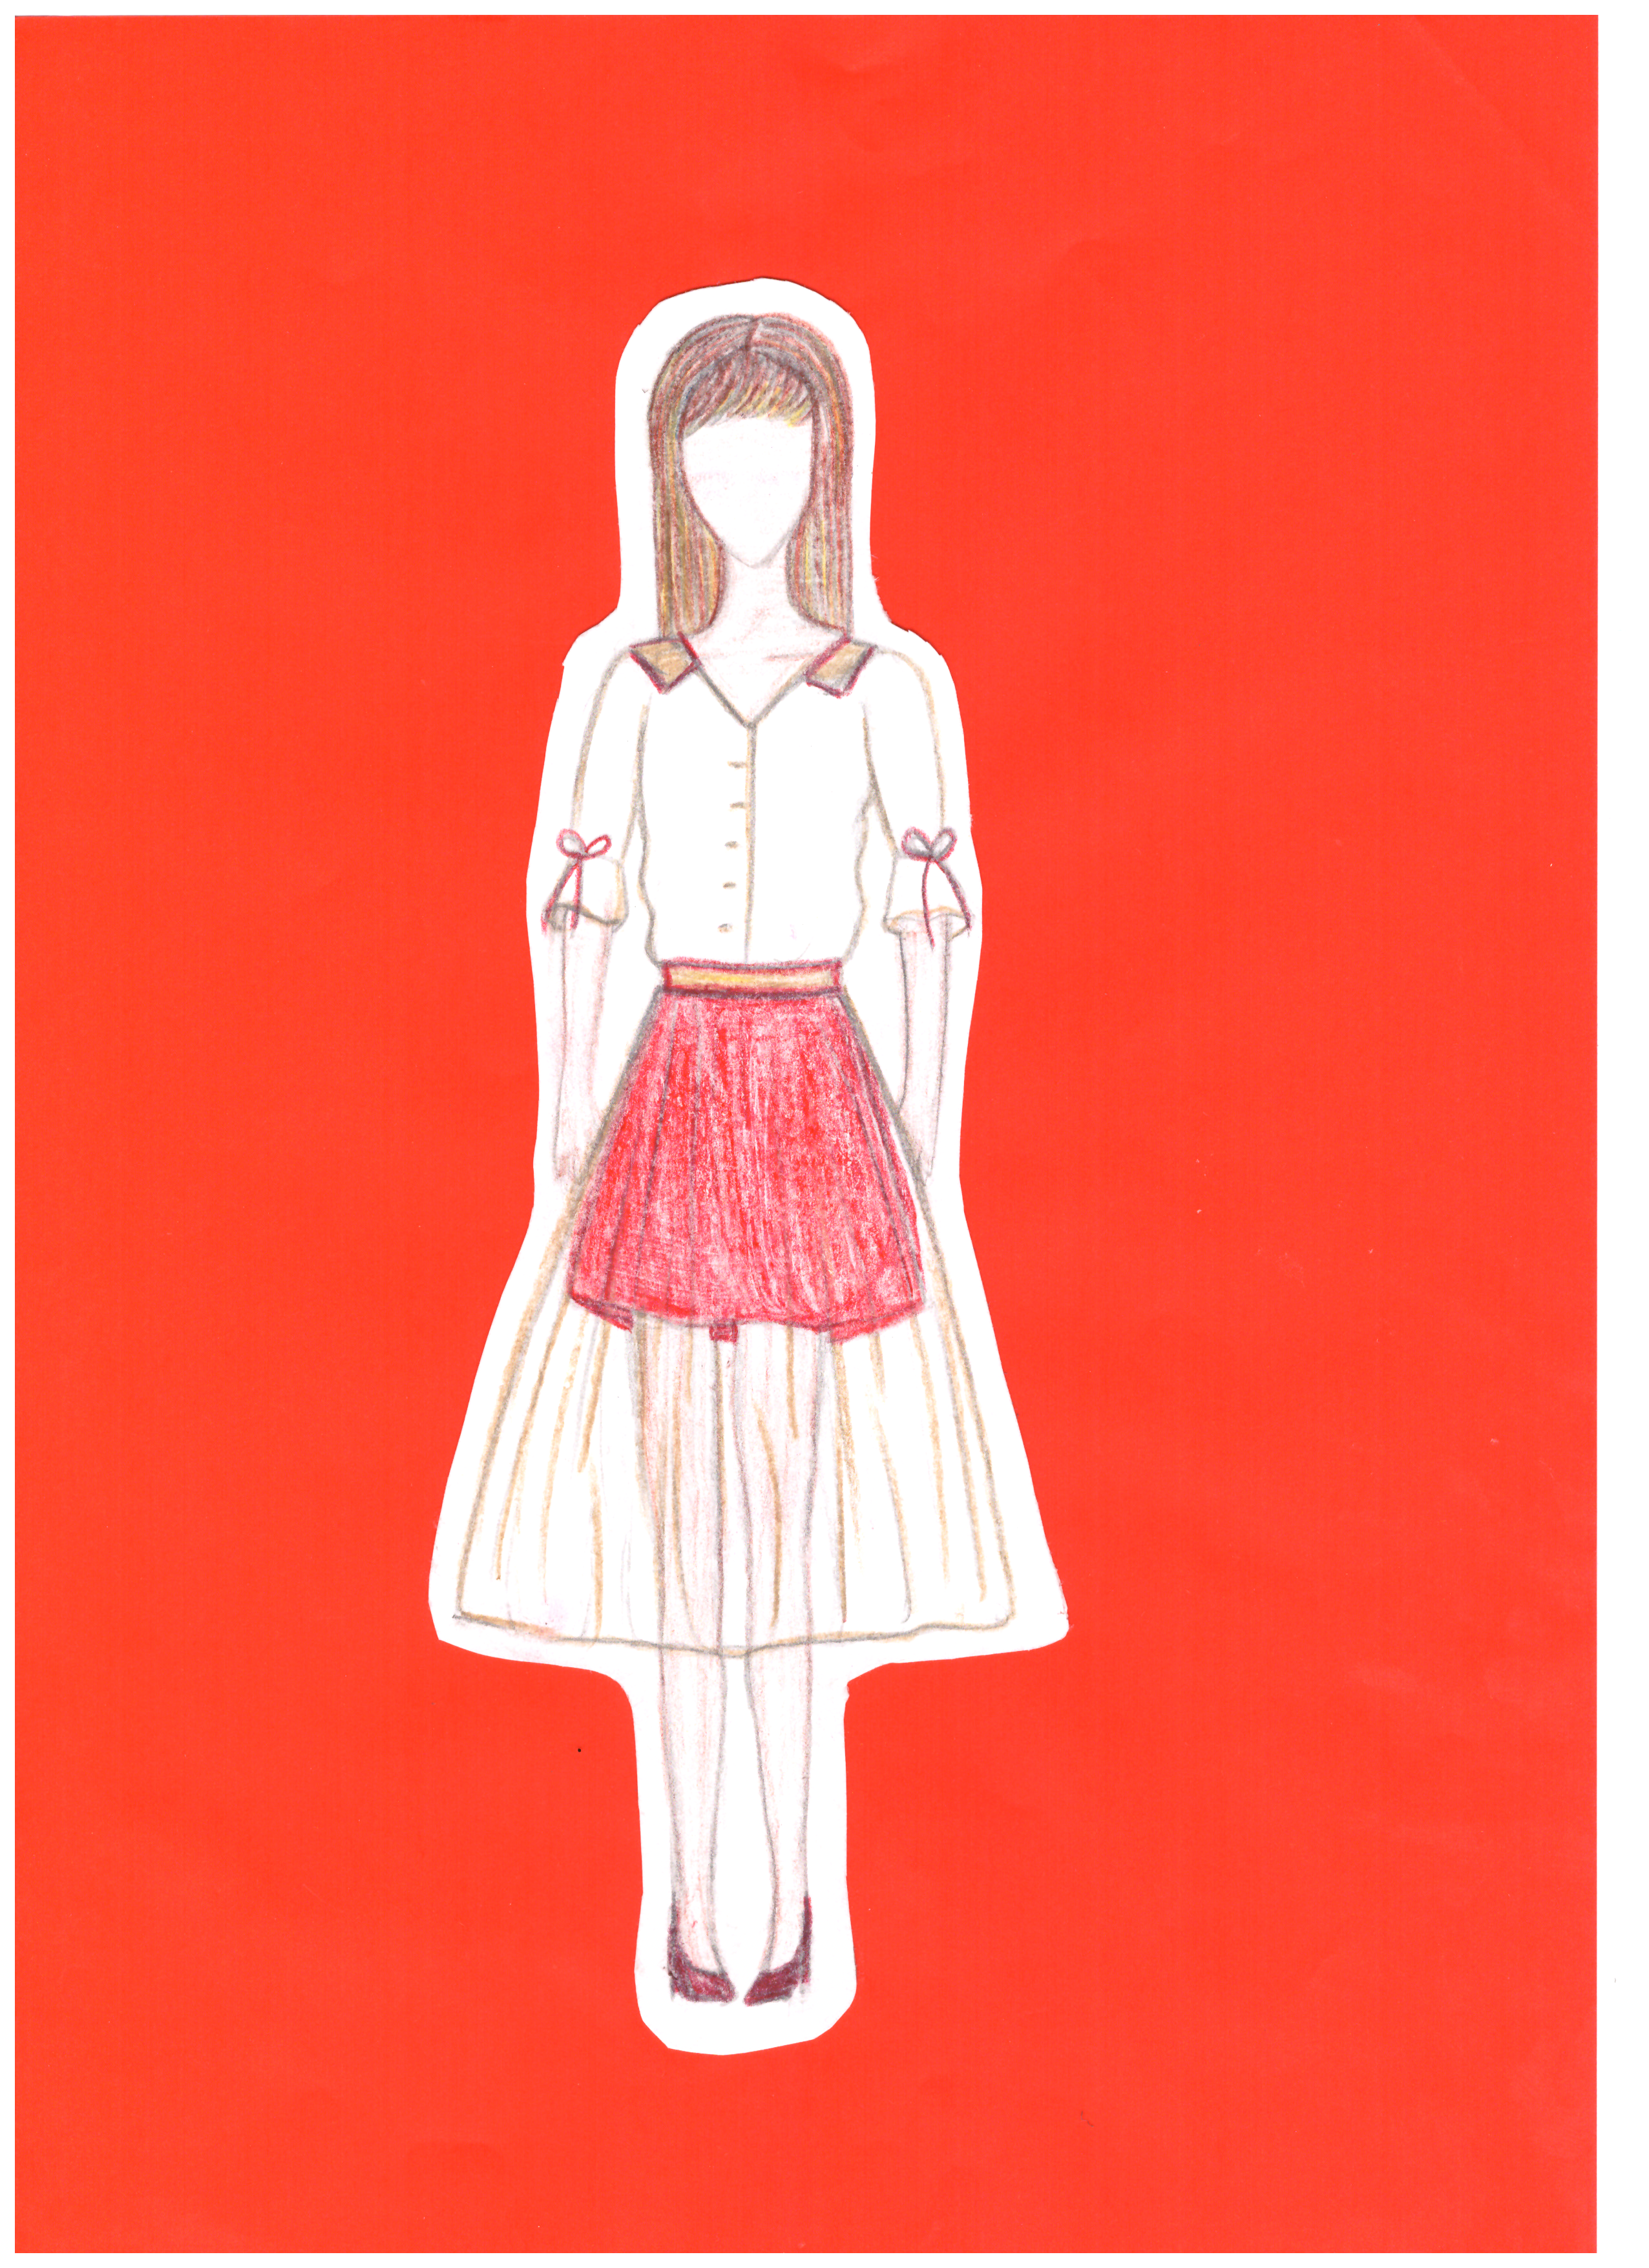 Ugnė Kopūstaitė. 16 m. Šiuolaikinio tautinio kostiumo eskizas. Subačiaus gimnazija, Kupiškio r. (Mok. Lina Riaubienė)